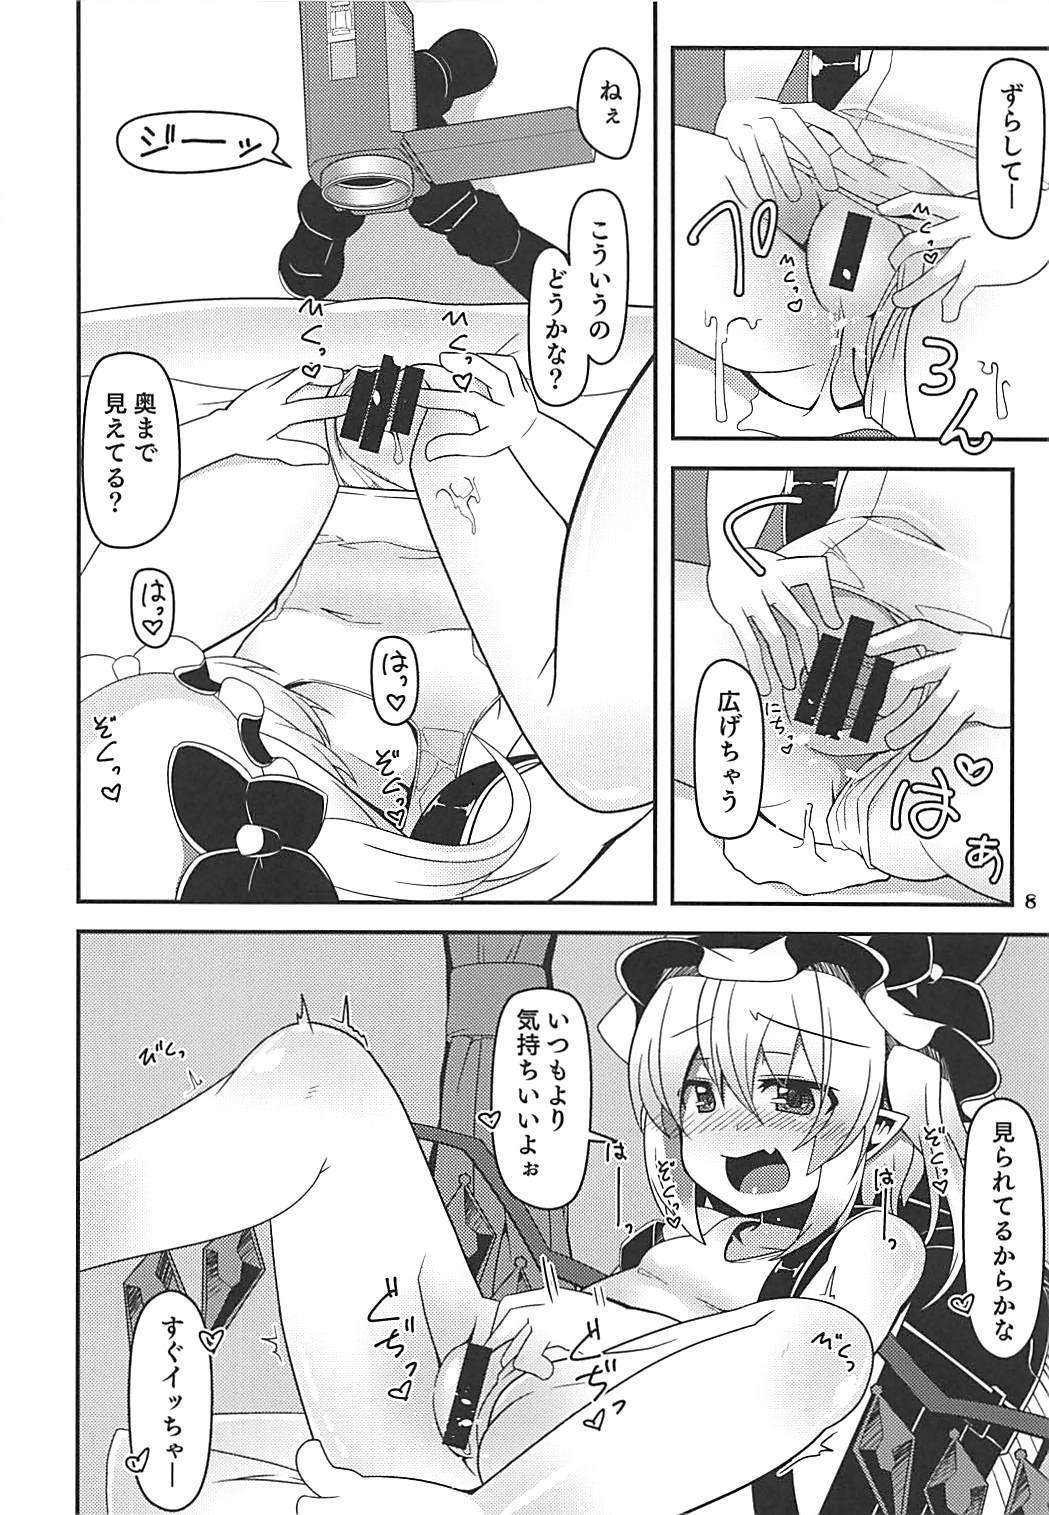 Flan-chan no Loli Bitch Haishin 6